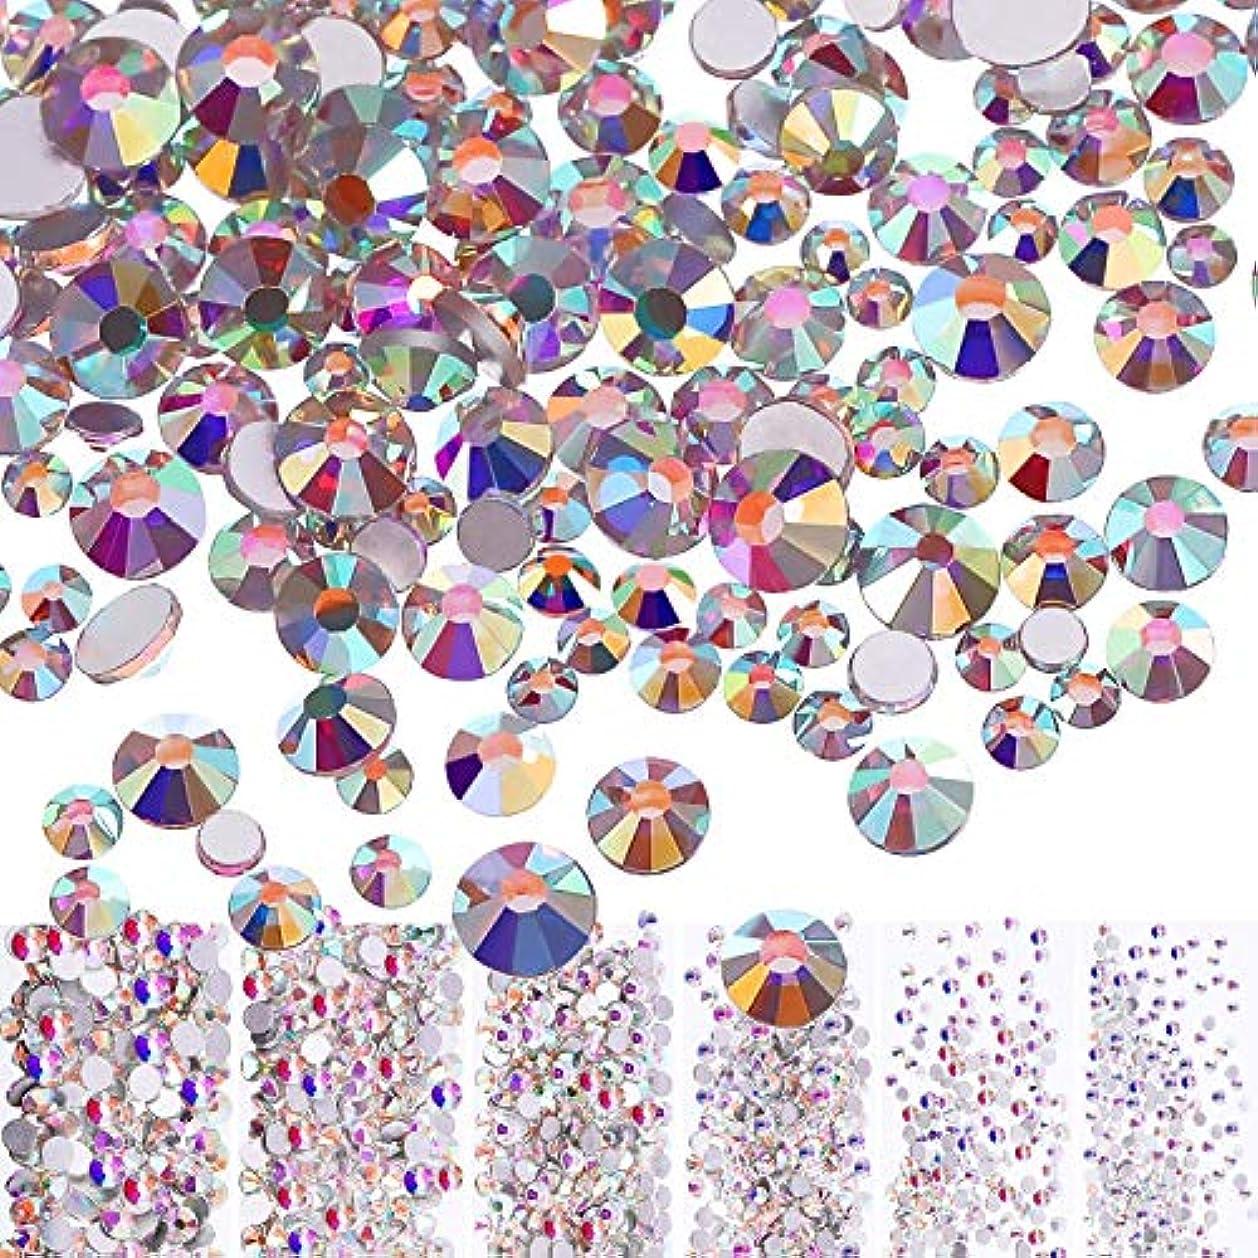 悪党八百屋さん顔料Mojoe 3456個ネイルクリスタルAbネイルアートラインストーンラウンドバックガラスチャーム宝石石、6サイズネイル用装飾化粧服靴(、混合Ss4 5 6 8 10 12)(クリスタルAb)